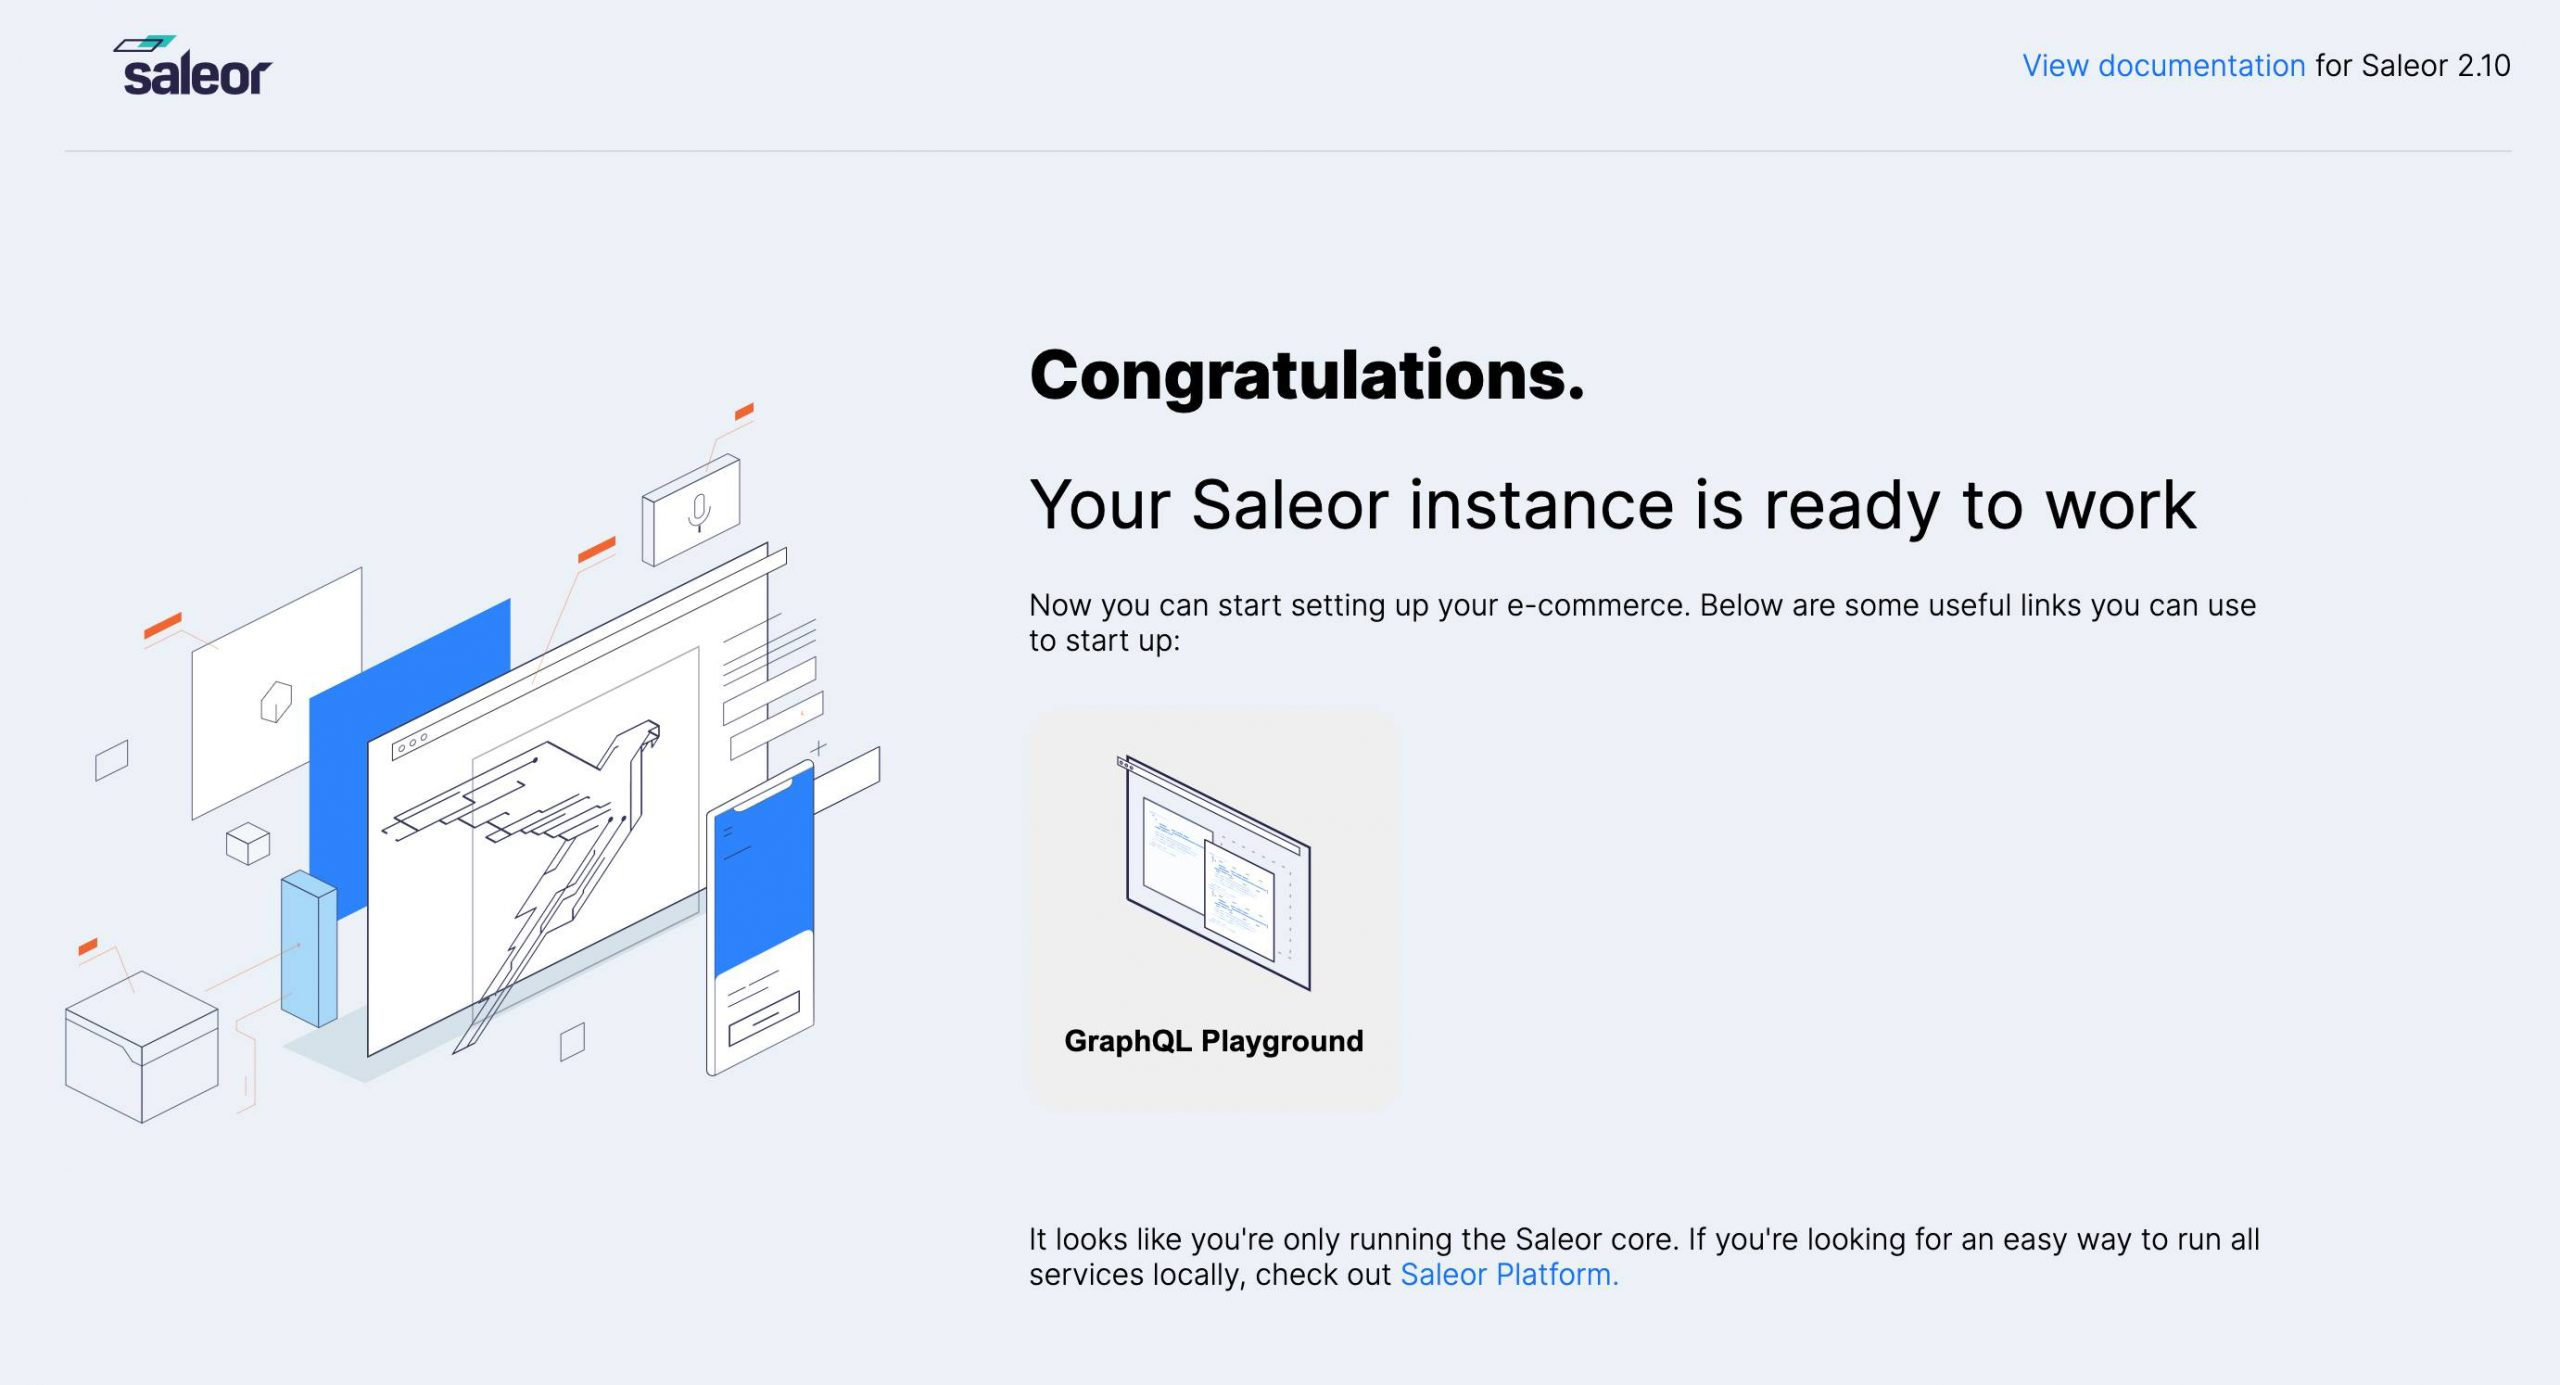 Django电商平台Saleor搭建初体验